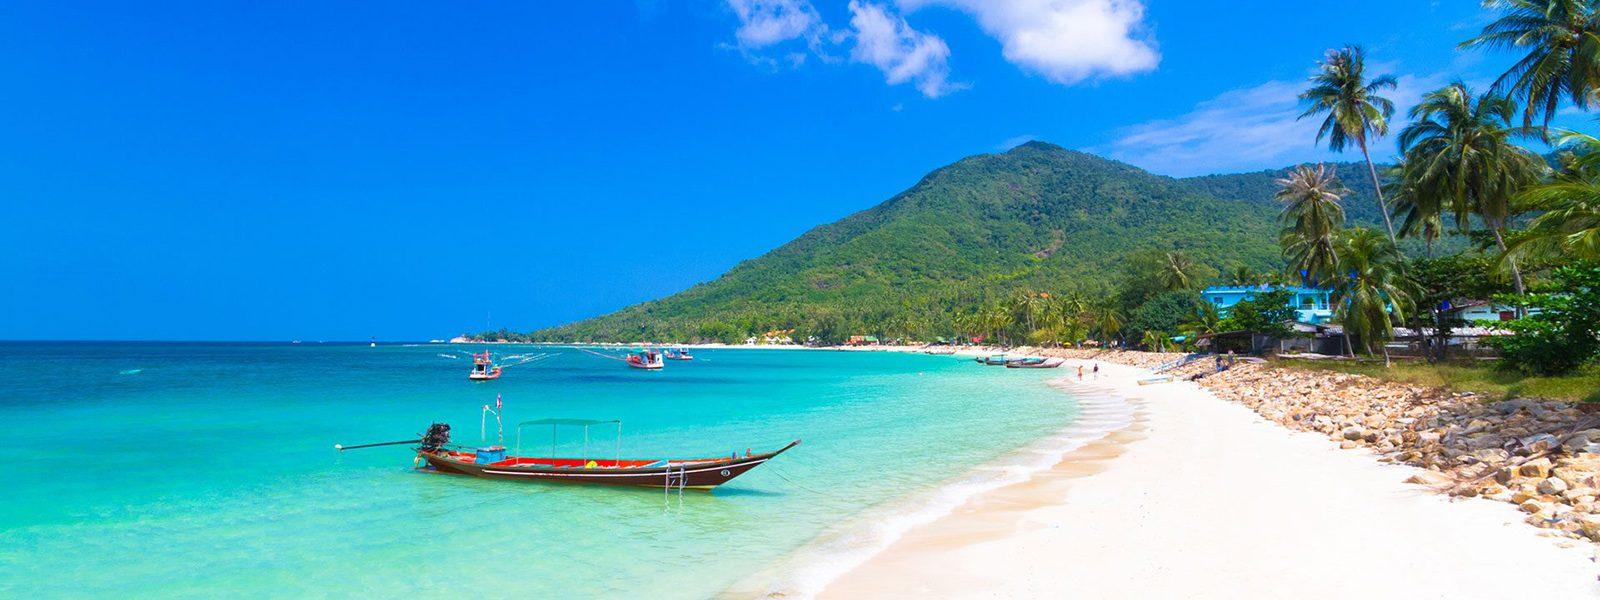 Những bãi biển đẹp ở Thái Lan